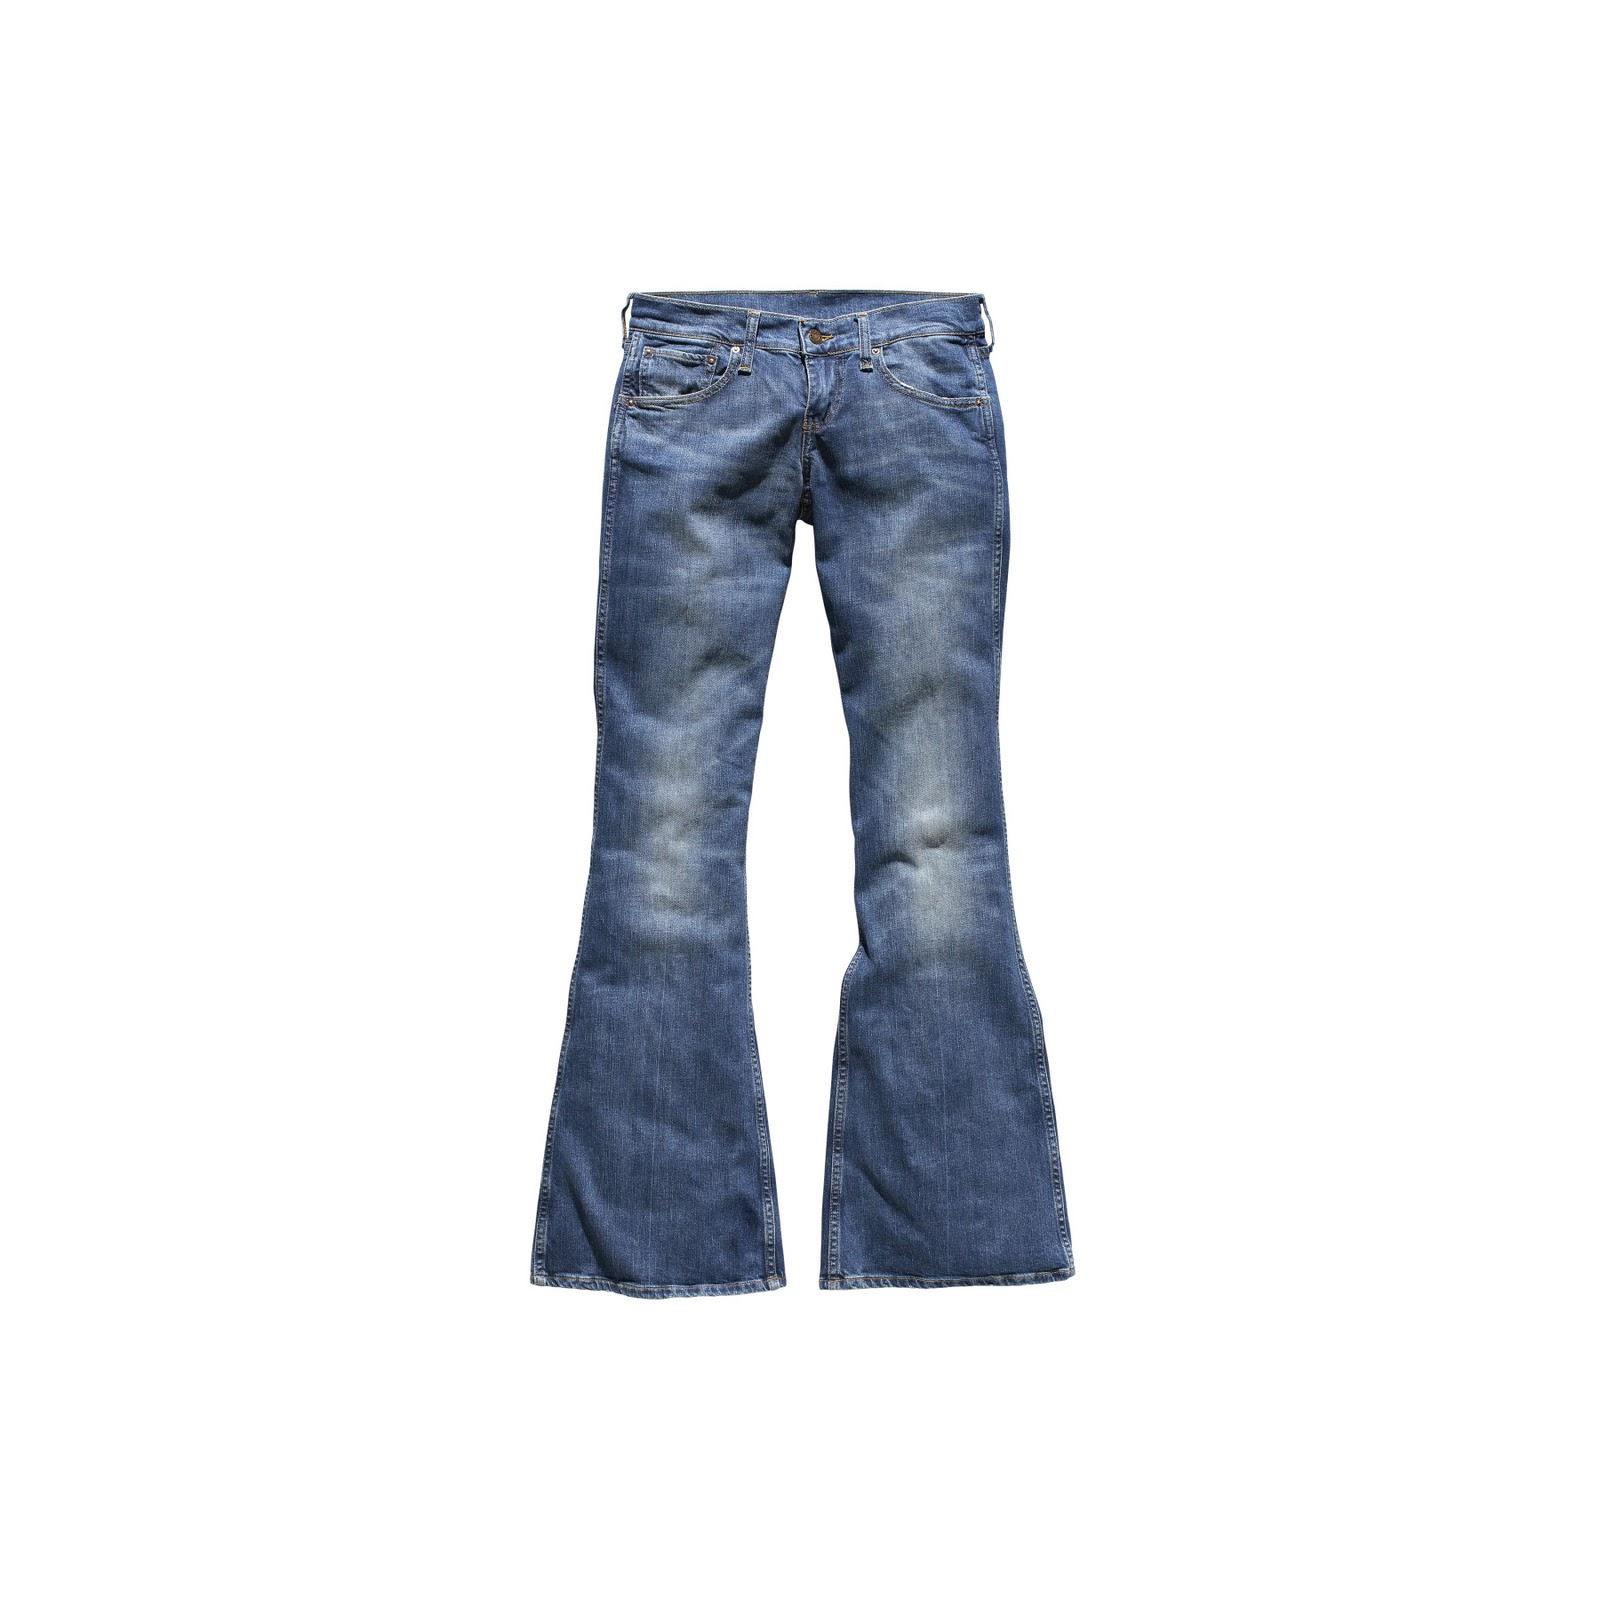 Jeans flare - sezonun favorileri 80